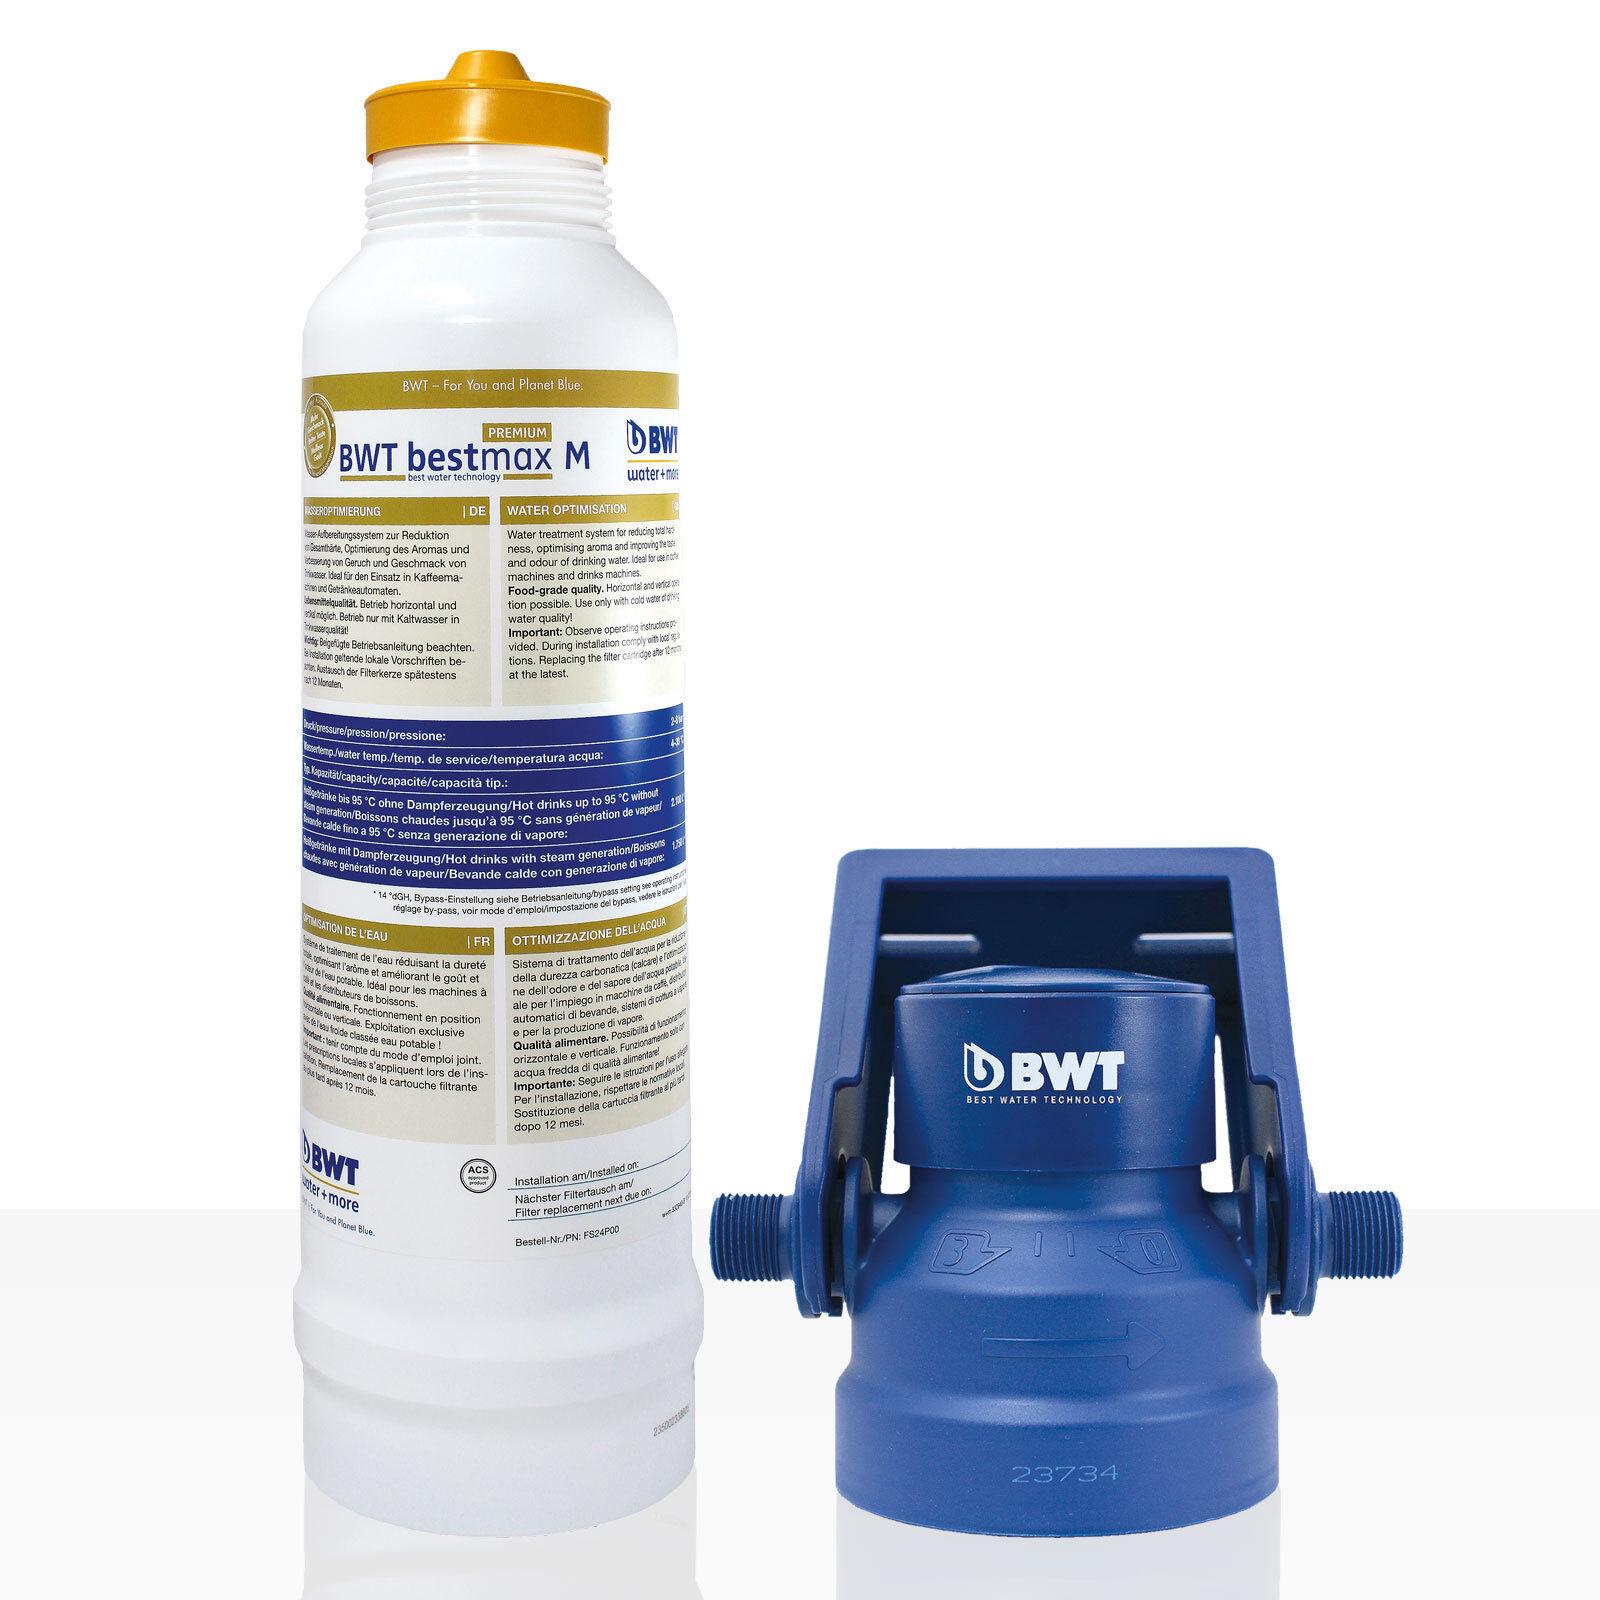 Bestmax M Premium Filtre Bougie + filterkopf, BWT Filtre à Eau, Environ 2700 L